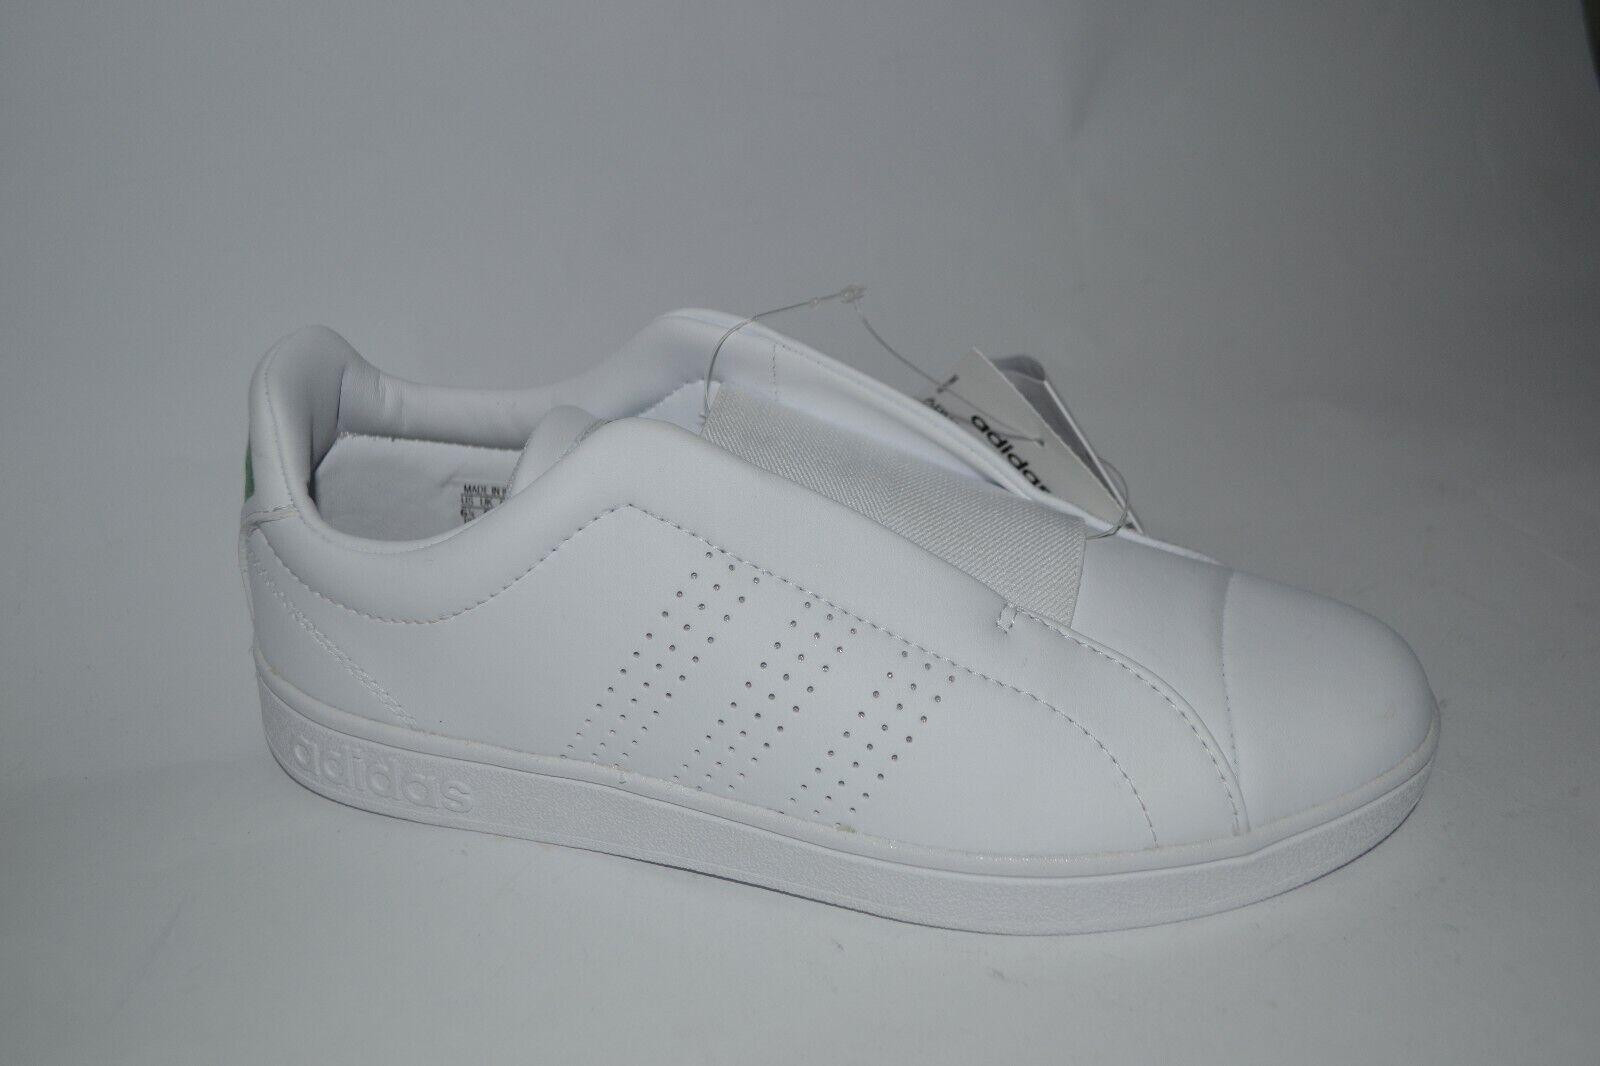 zapatos zapatos zapatos ADIDAS  MOCASSINO MODA FASHION BIANCO PELLE 37 1 3 39 40 2 3  centro comercial de moda